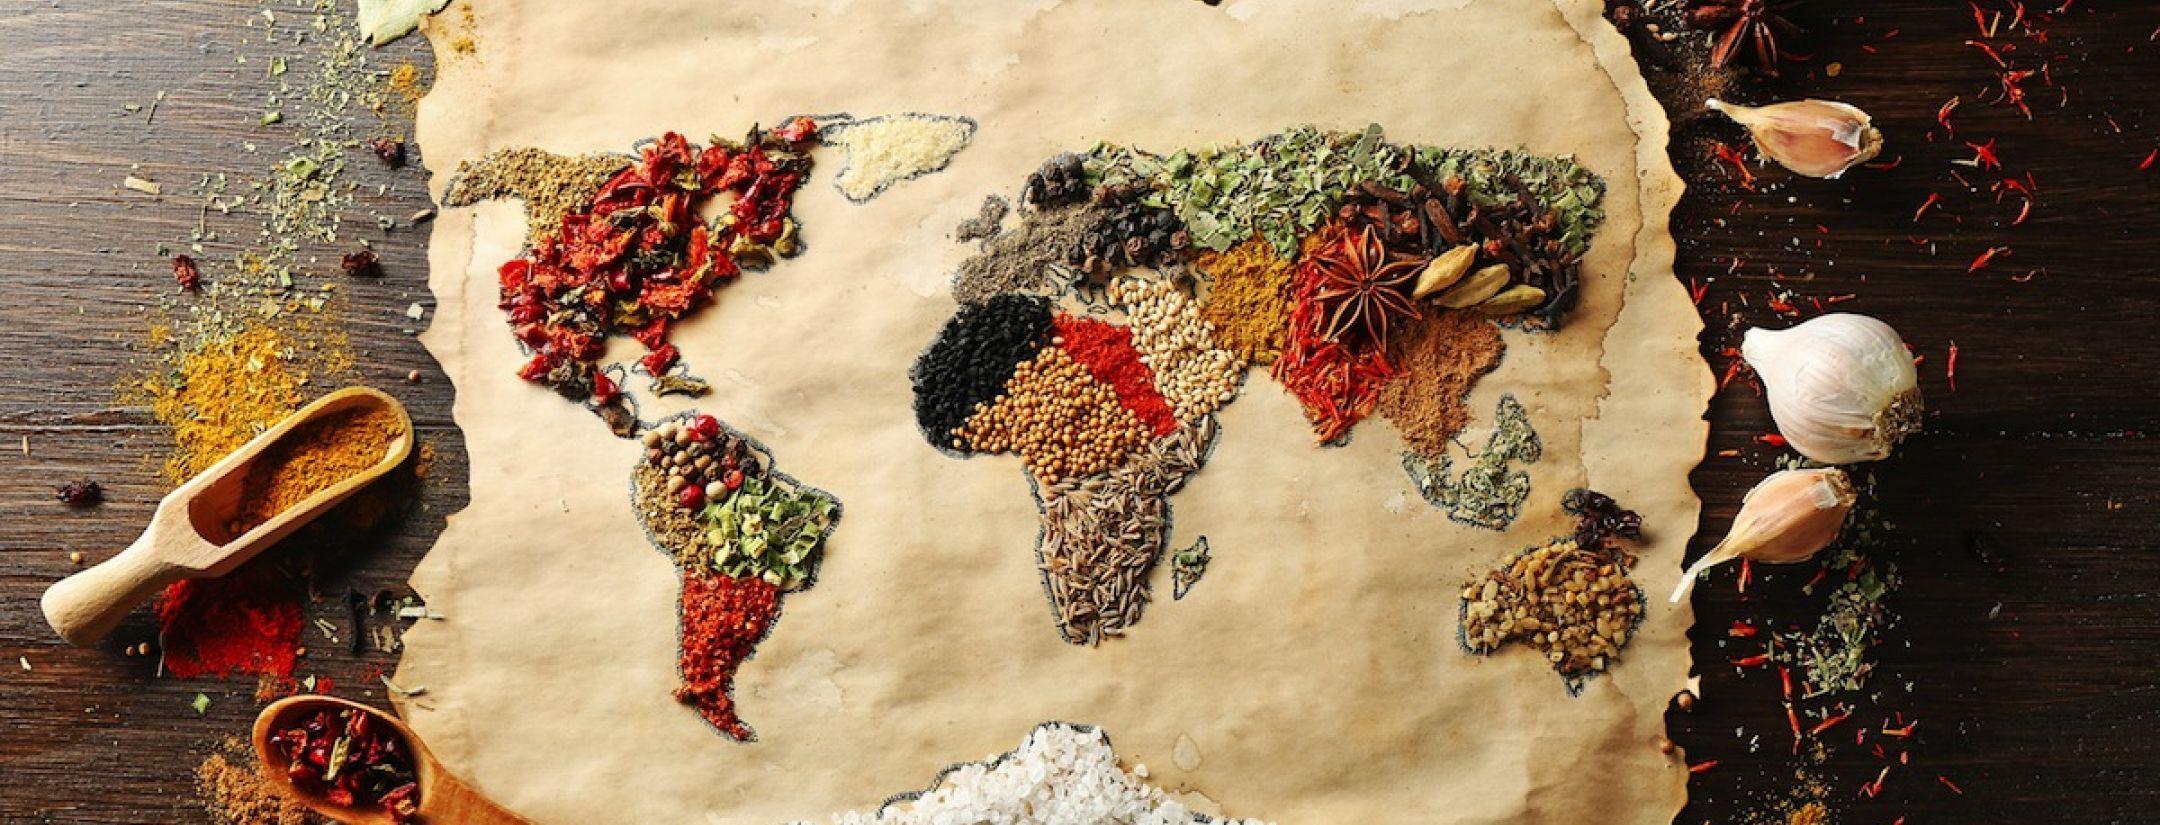 Fremde Kulturen und was wir von Ihnen lernen können | Ellevant